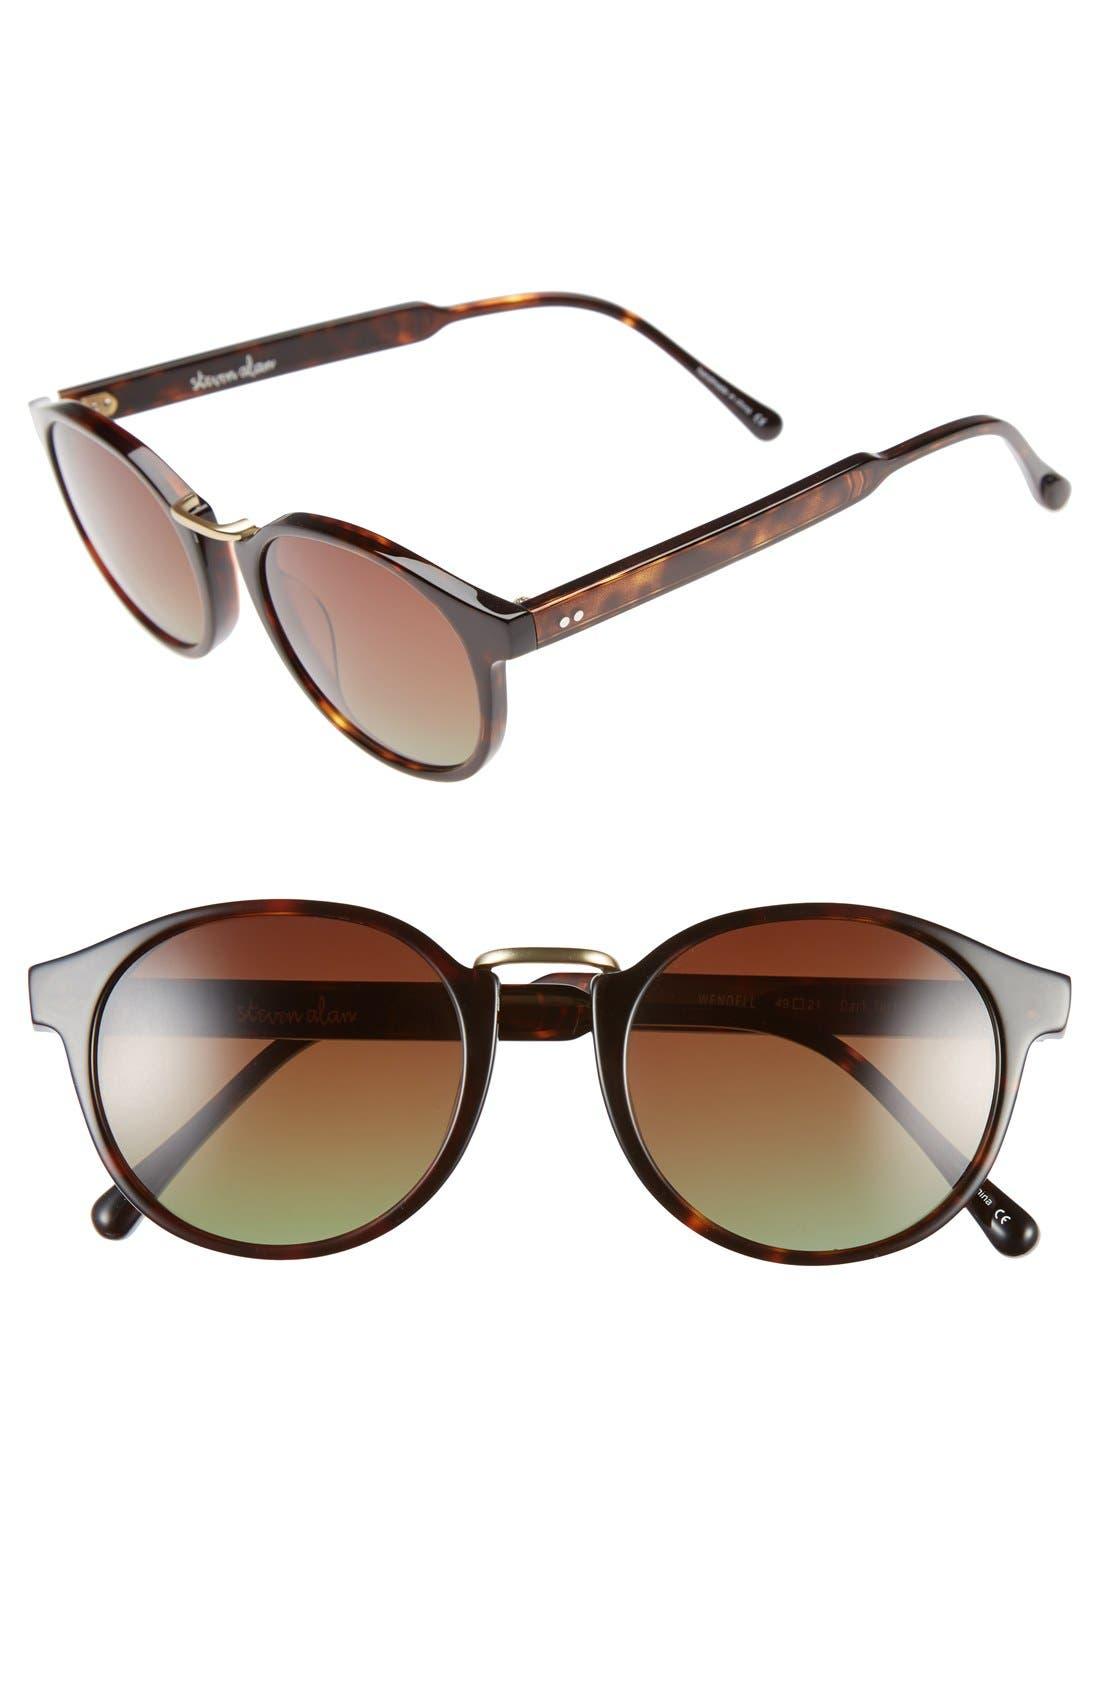 Alternate Image 1 Selected - Steven Alan 'Wendell' 49mm Retro Sunglasses